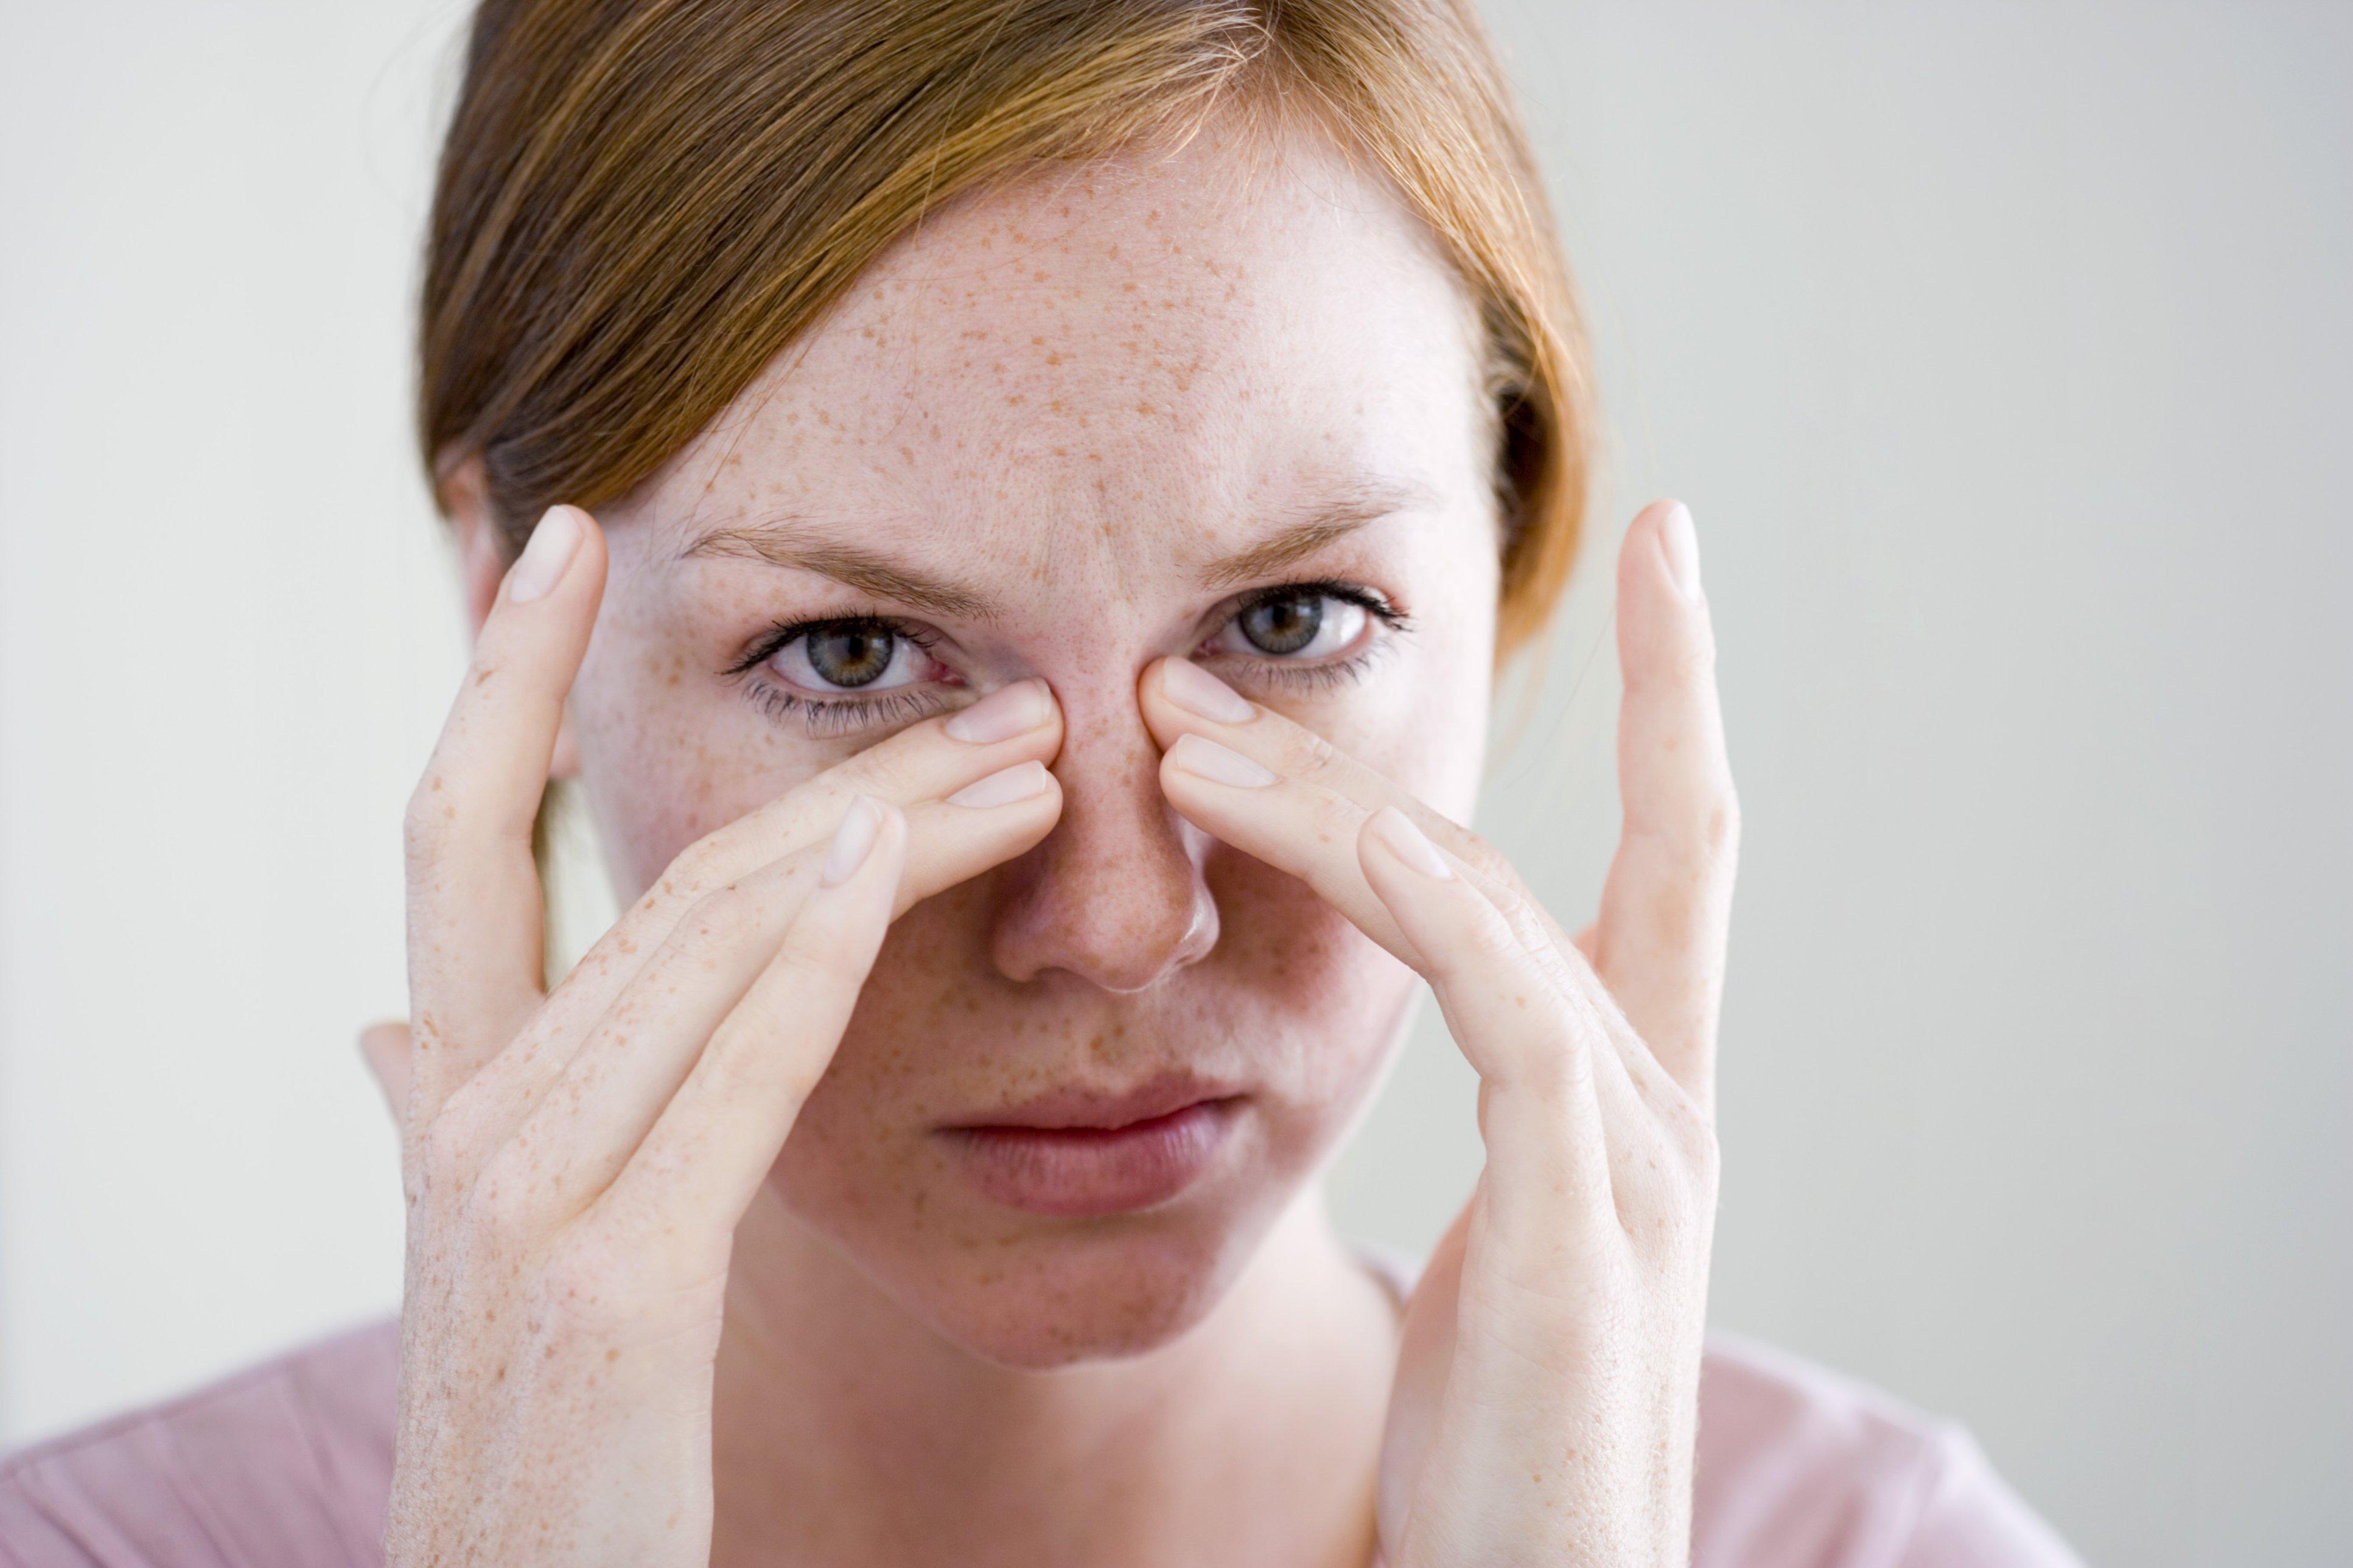 Диплопия (двоение в глазах): причины, лечение консервативными и народными средствами, монокулярная и бинокулярная диплопия